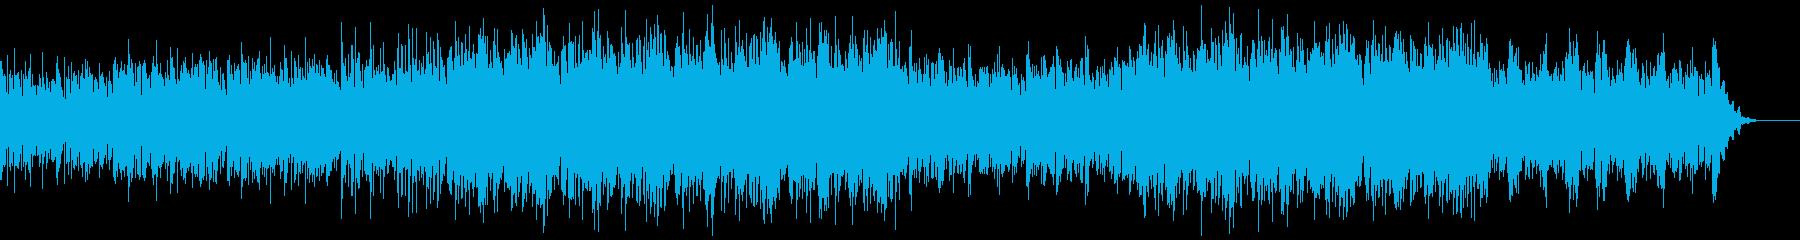 重々しくも挑戦的なピアノBGMの再生済みの波形